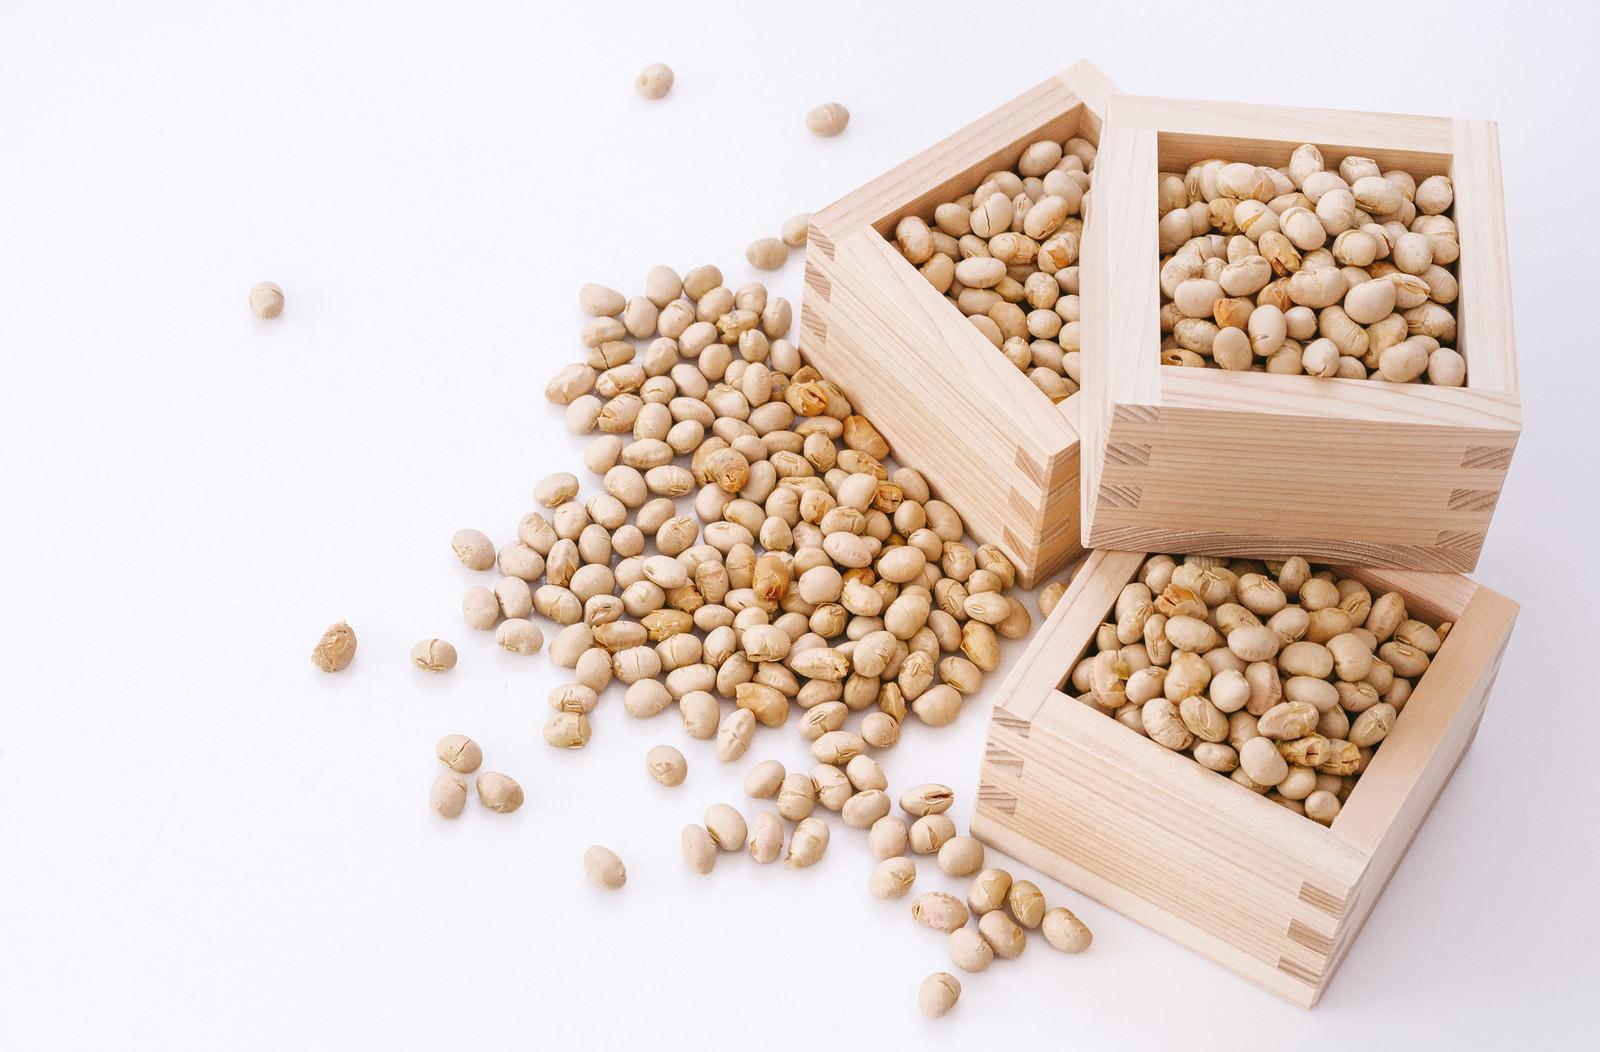 「節分の豆と枡節分の豆と枡」のフリー写真素材を拡大